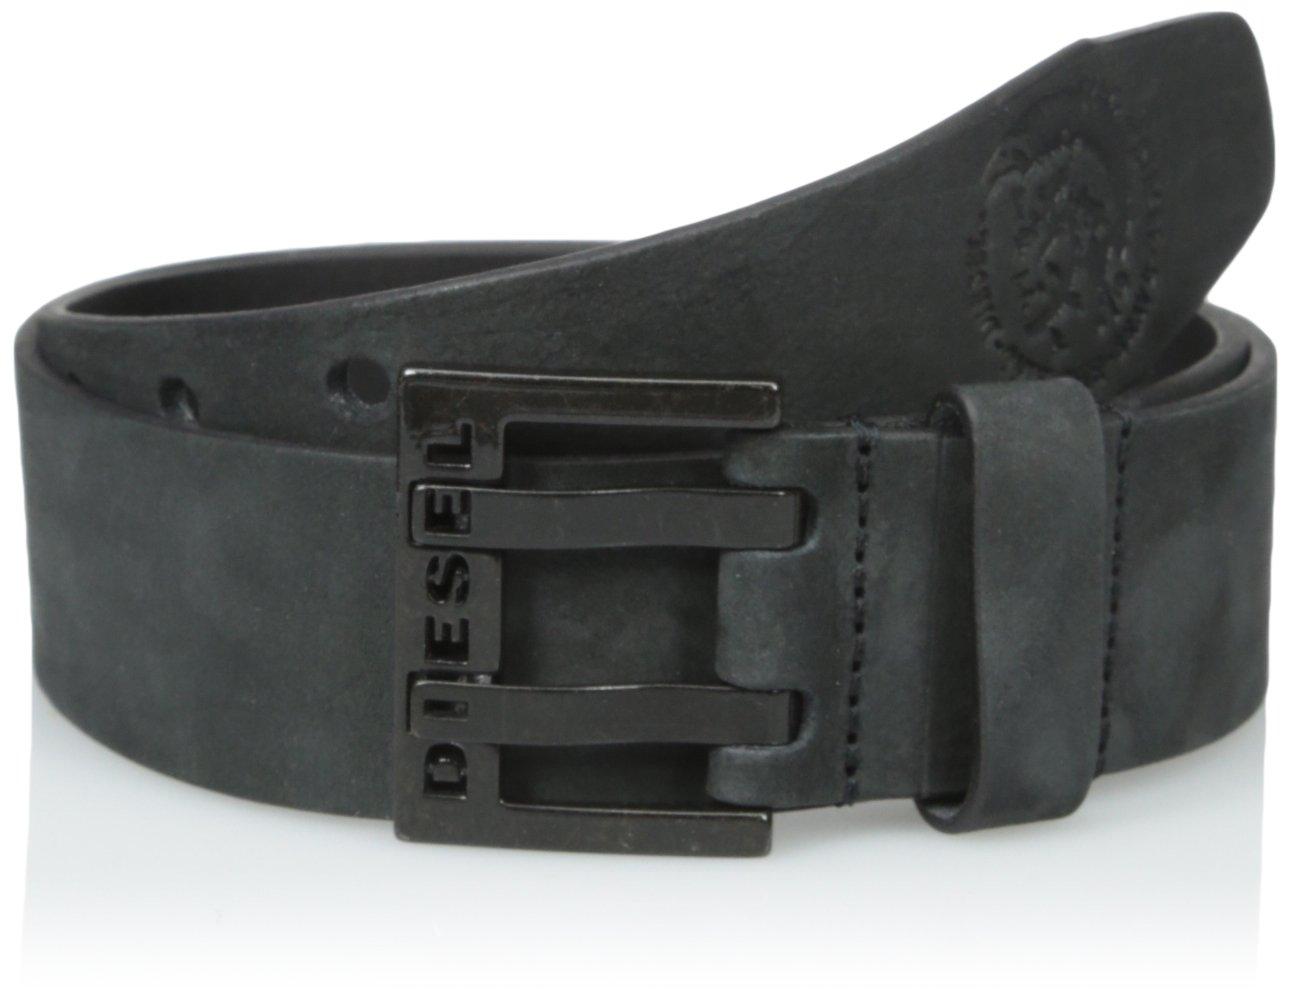 (ディーゼル) DIESELメンズ ヌバックレザー ベルト - BIT - belt B0189DORIA 80(日本サイズS相当)|ブラック ブラック 80(日本サイズS相当)